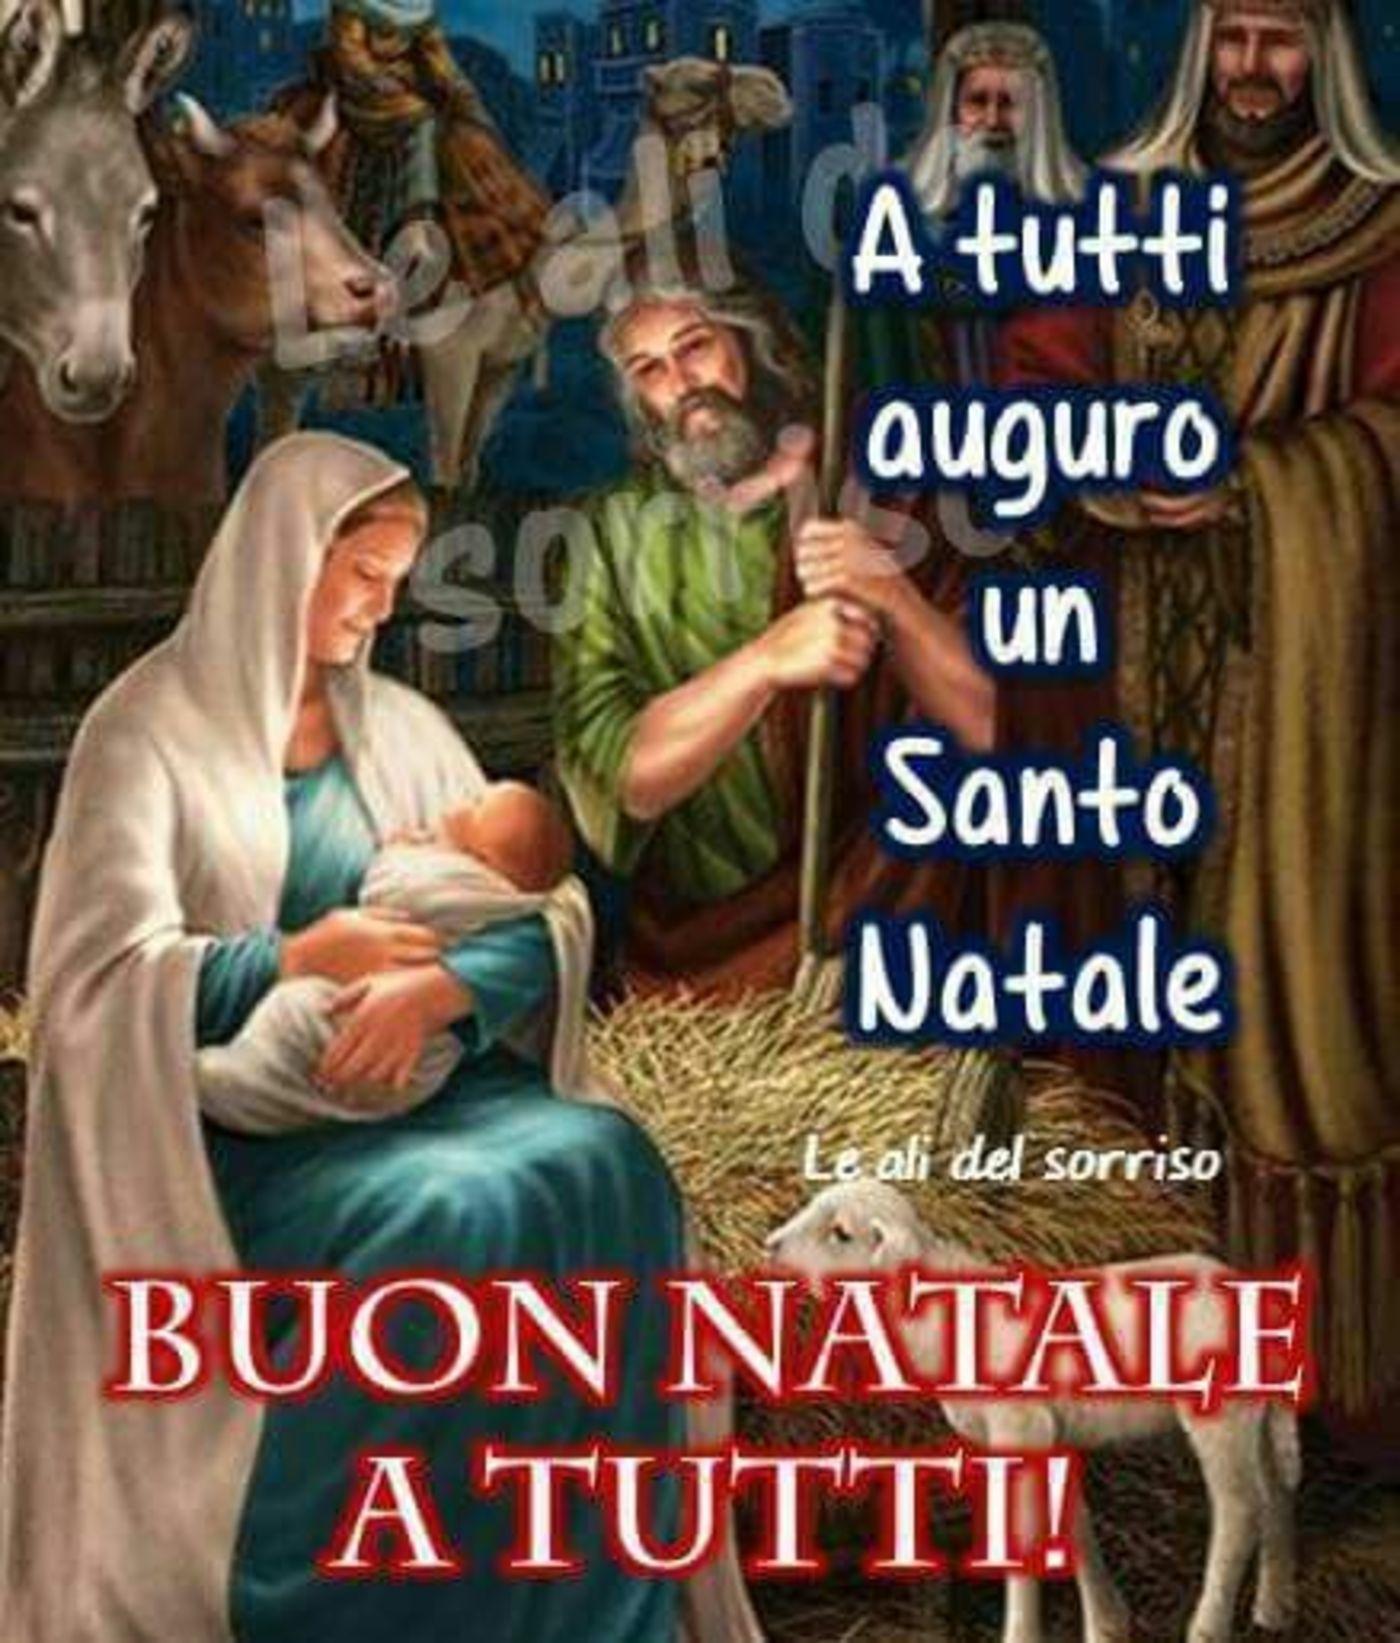 Frasi Religiose Per Il Santo Natale.Buon Natale A Tutti Immagini Religiose Auguri Di Buon